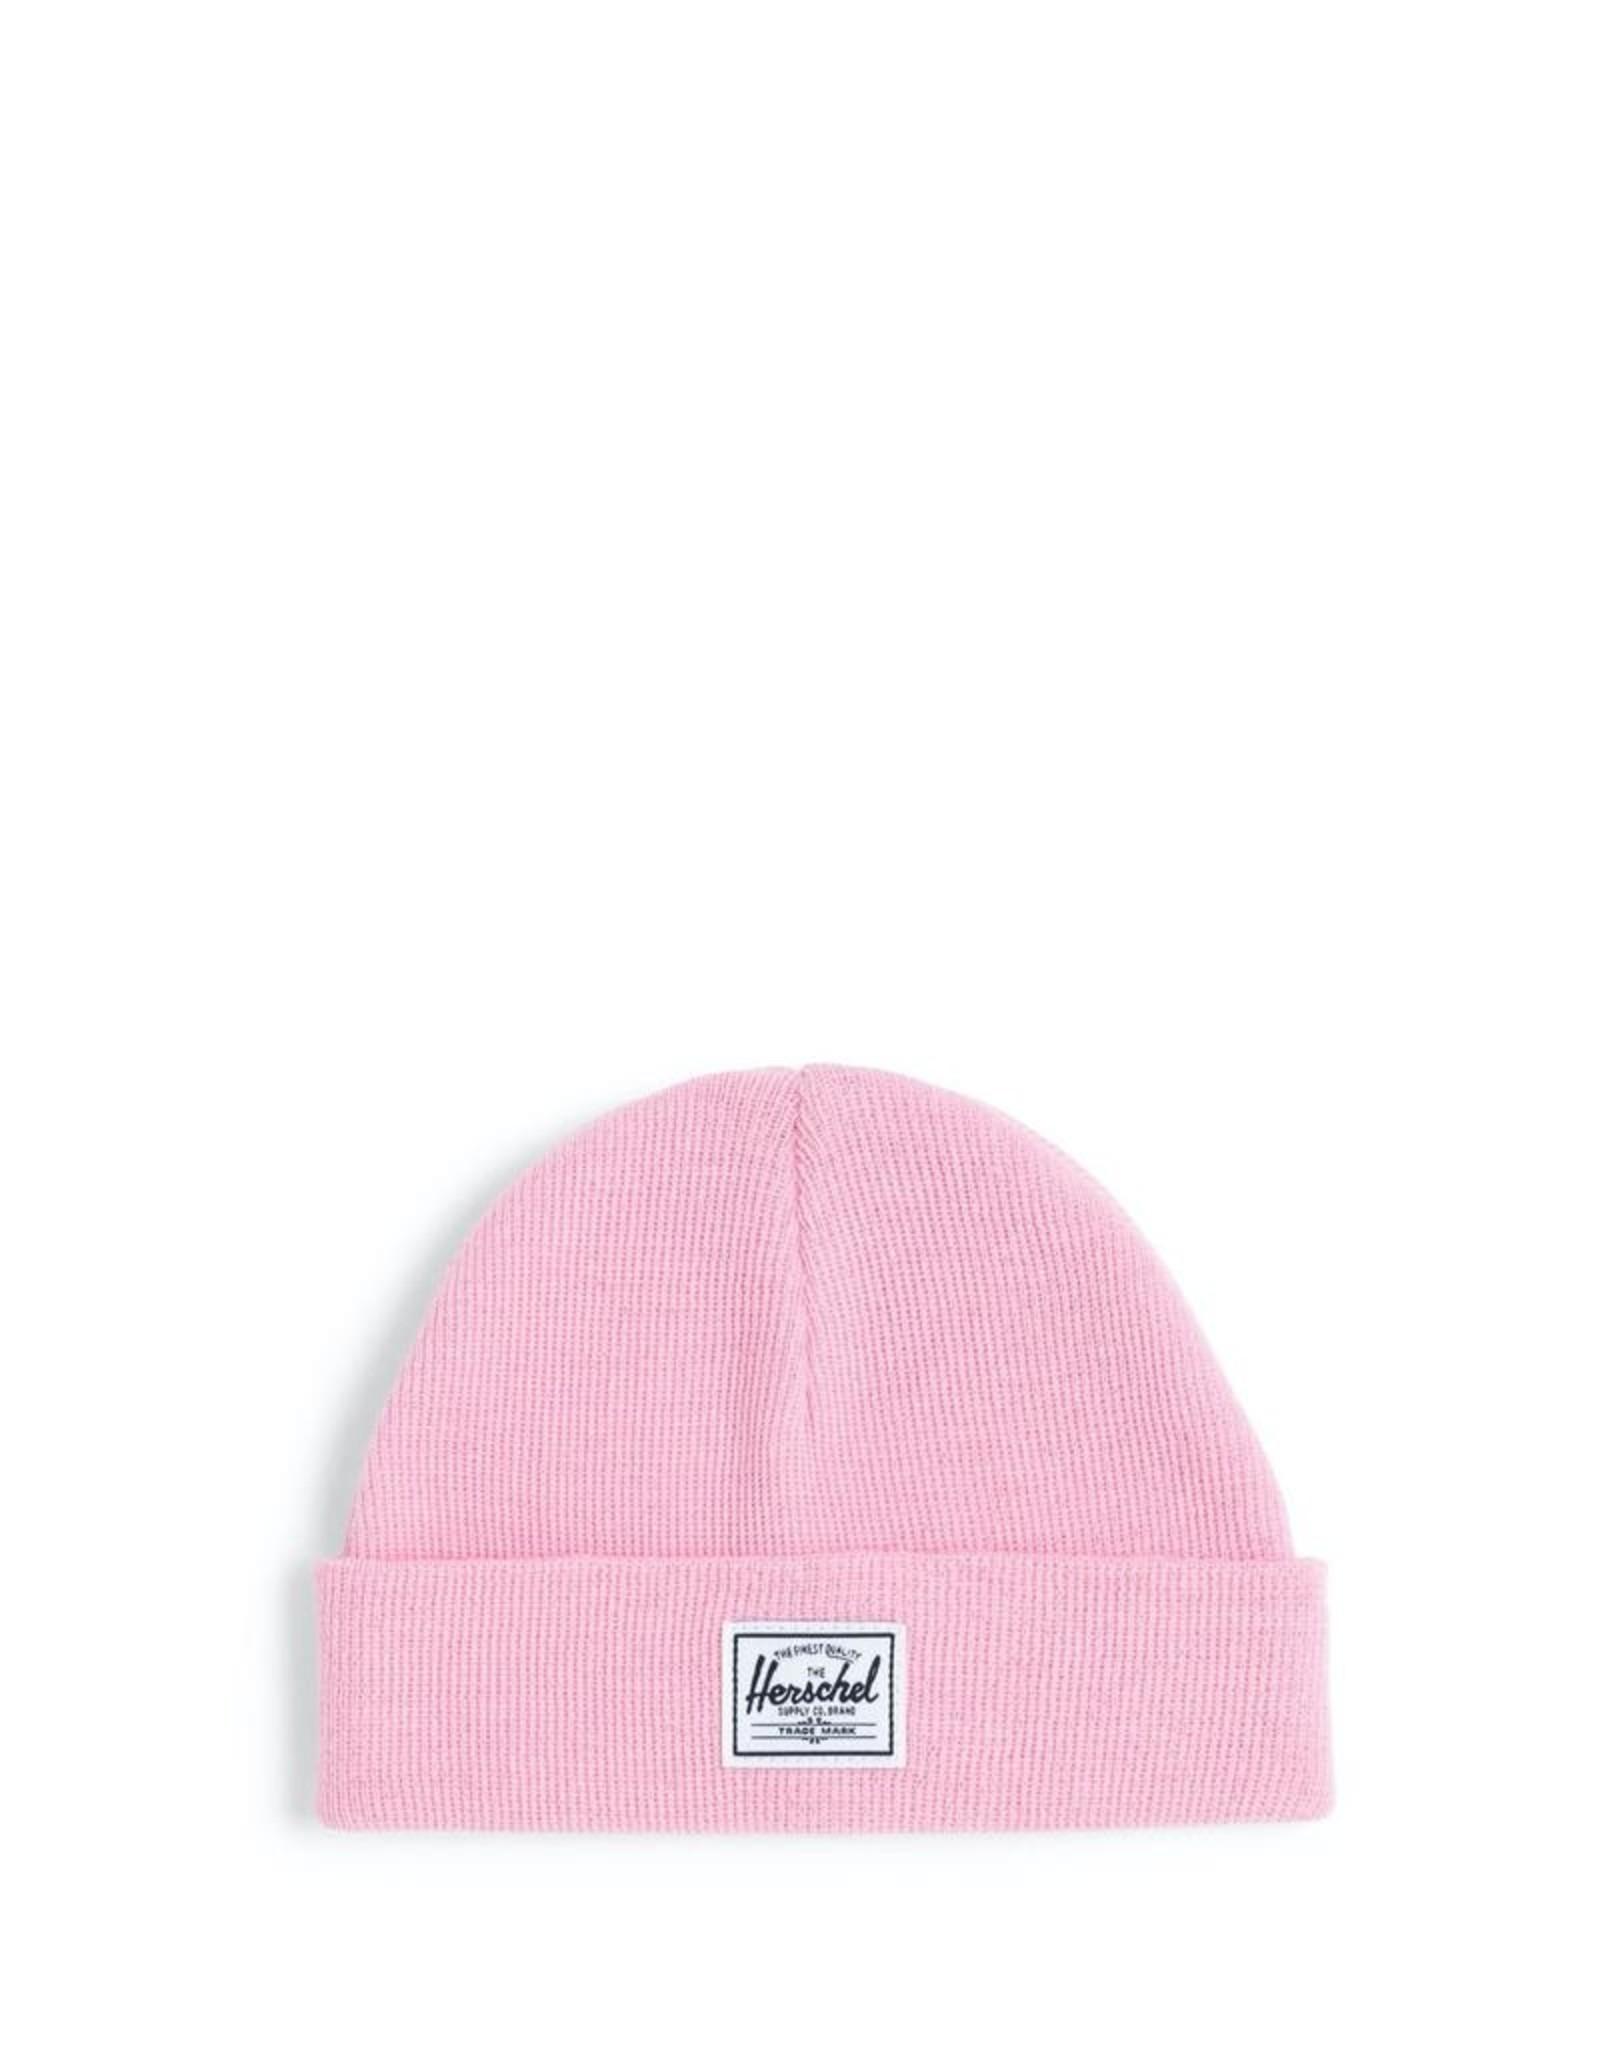 Herschel Supply Co. Baby Beanie in Candy Pink